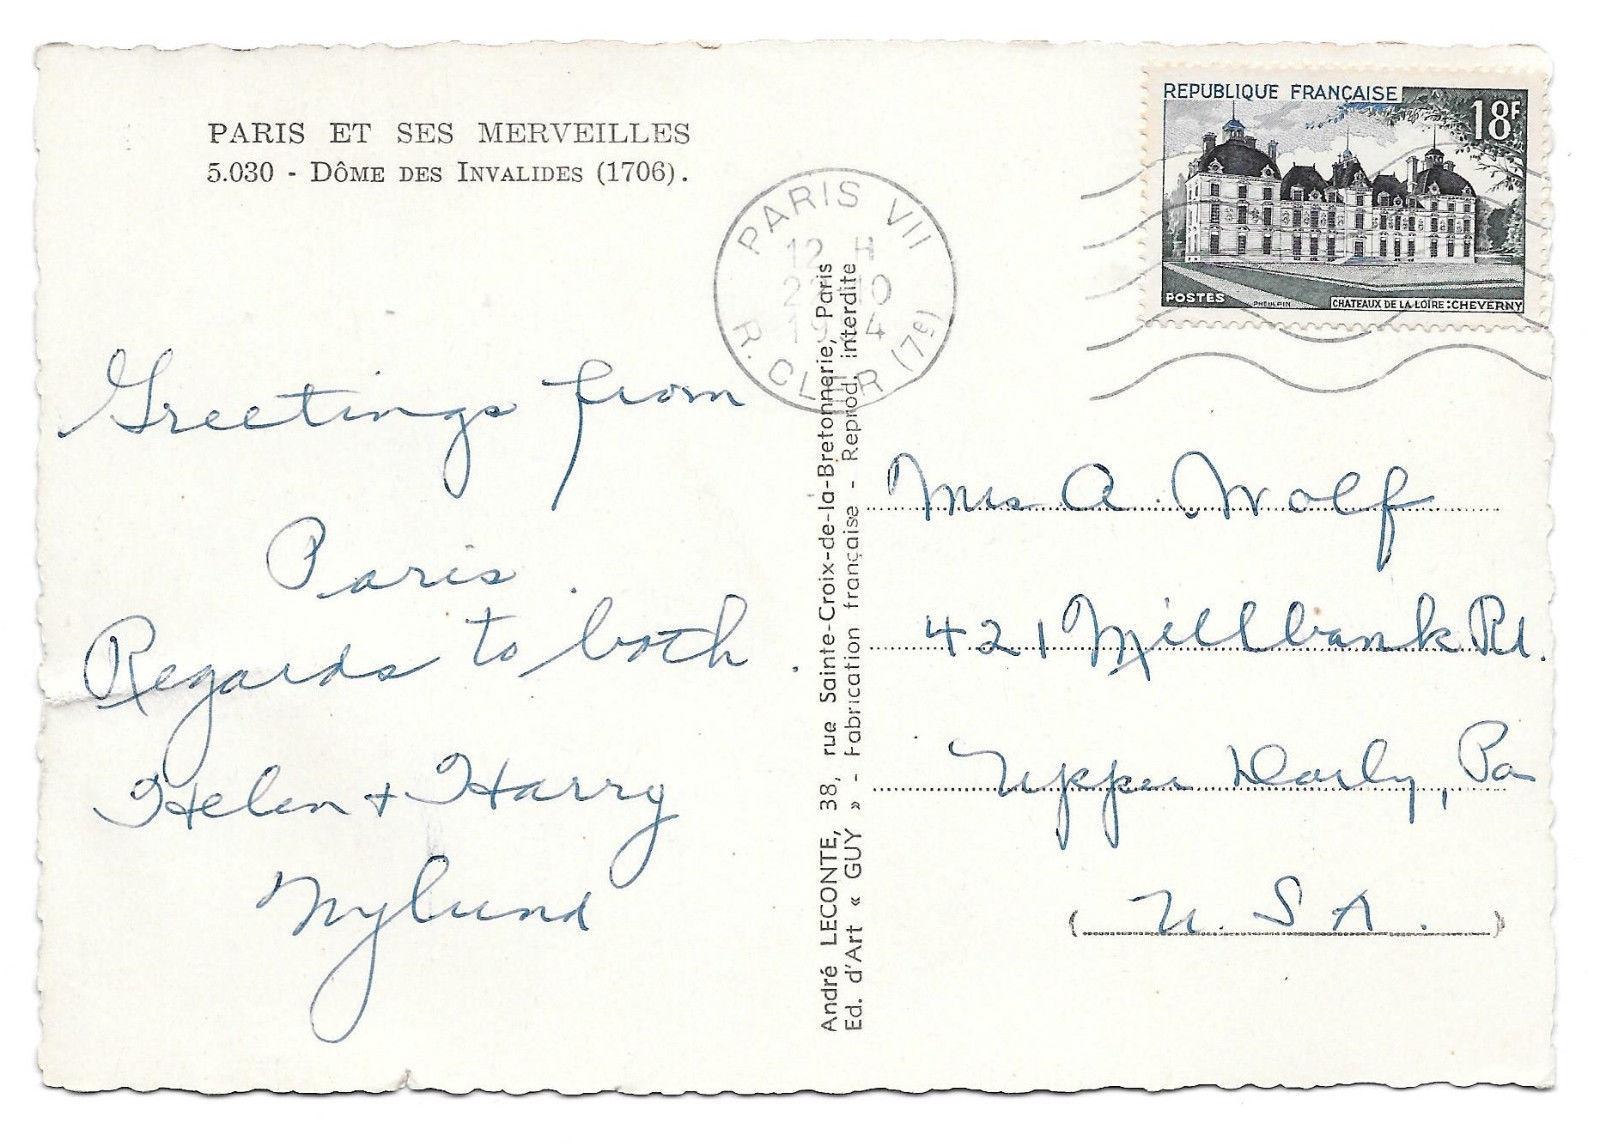 France Paris Dome des Invalides Vtg 1954 Guy Postcard 4X6 Stamp